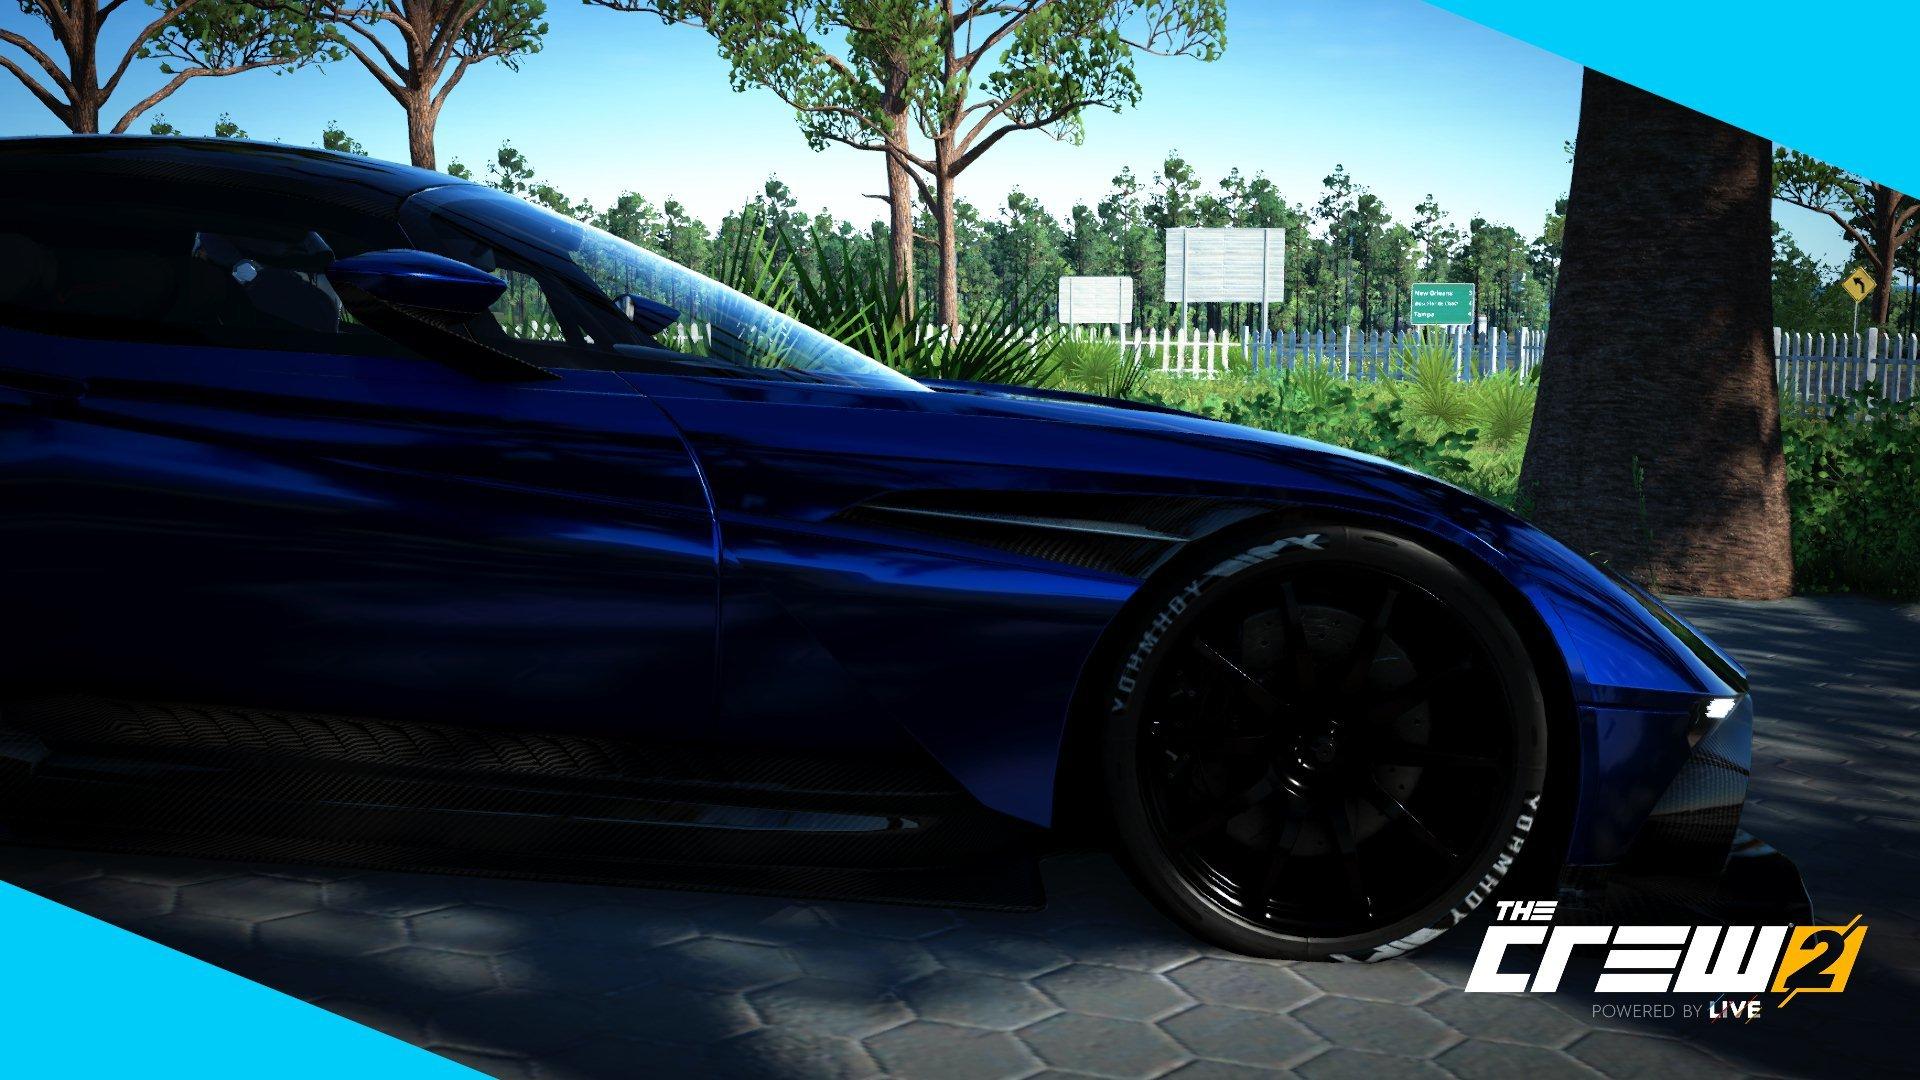 ゲーム「THE CREW2 新たに痛車製作」_b0362459_15324821.jpeg